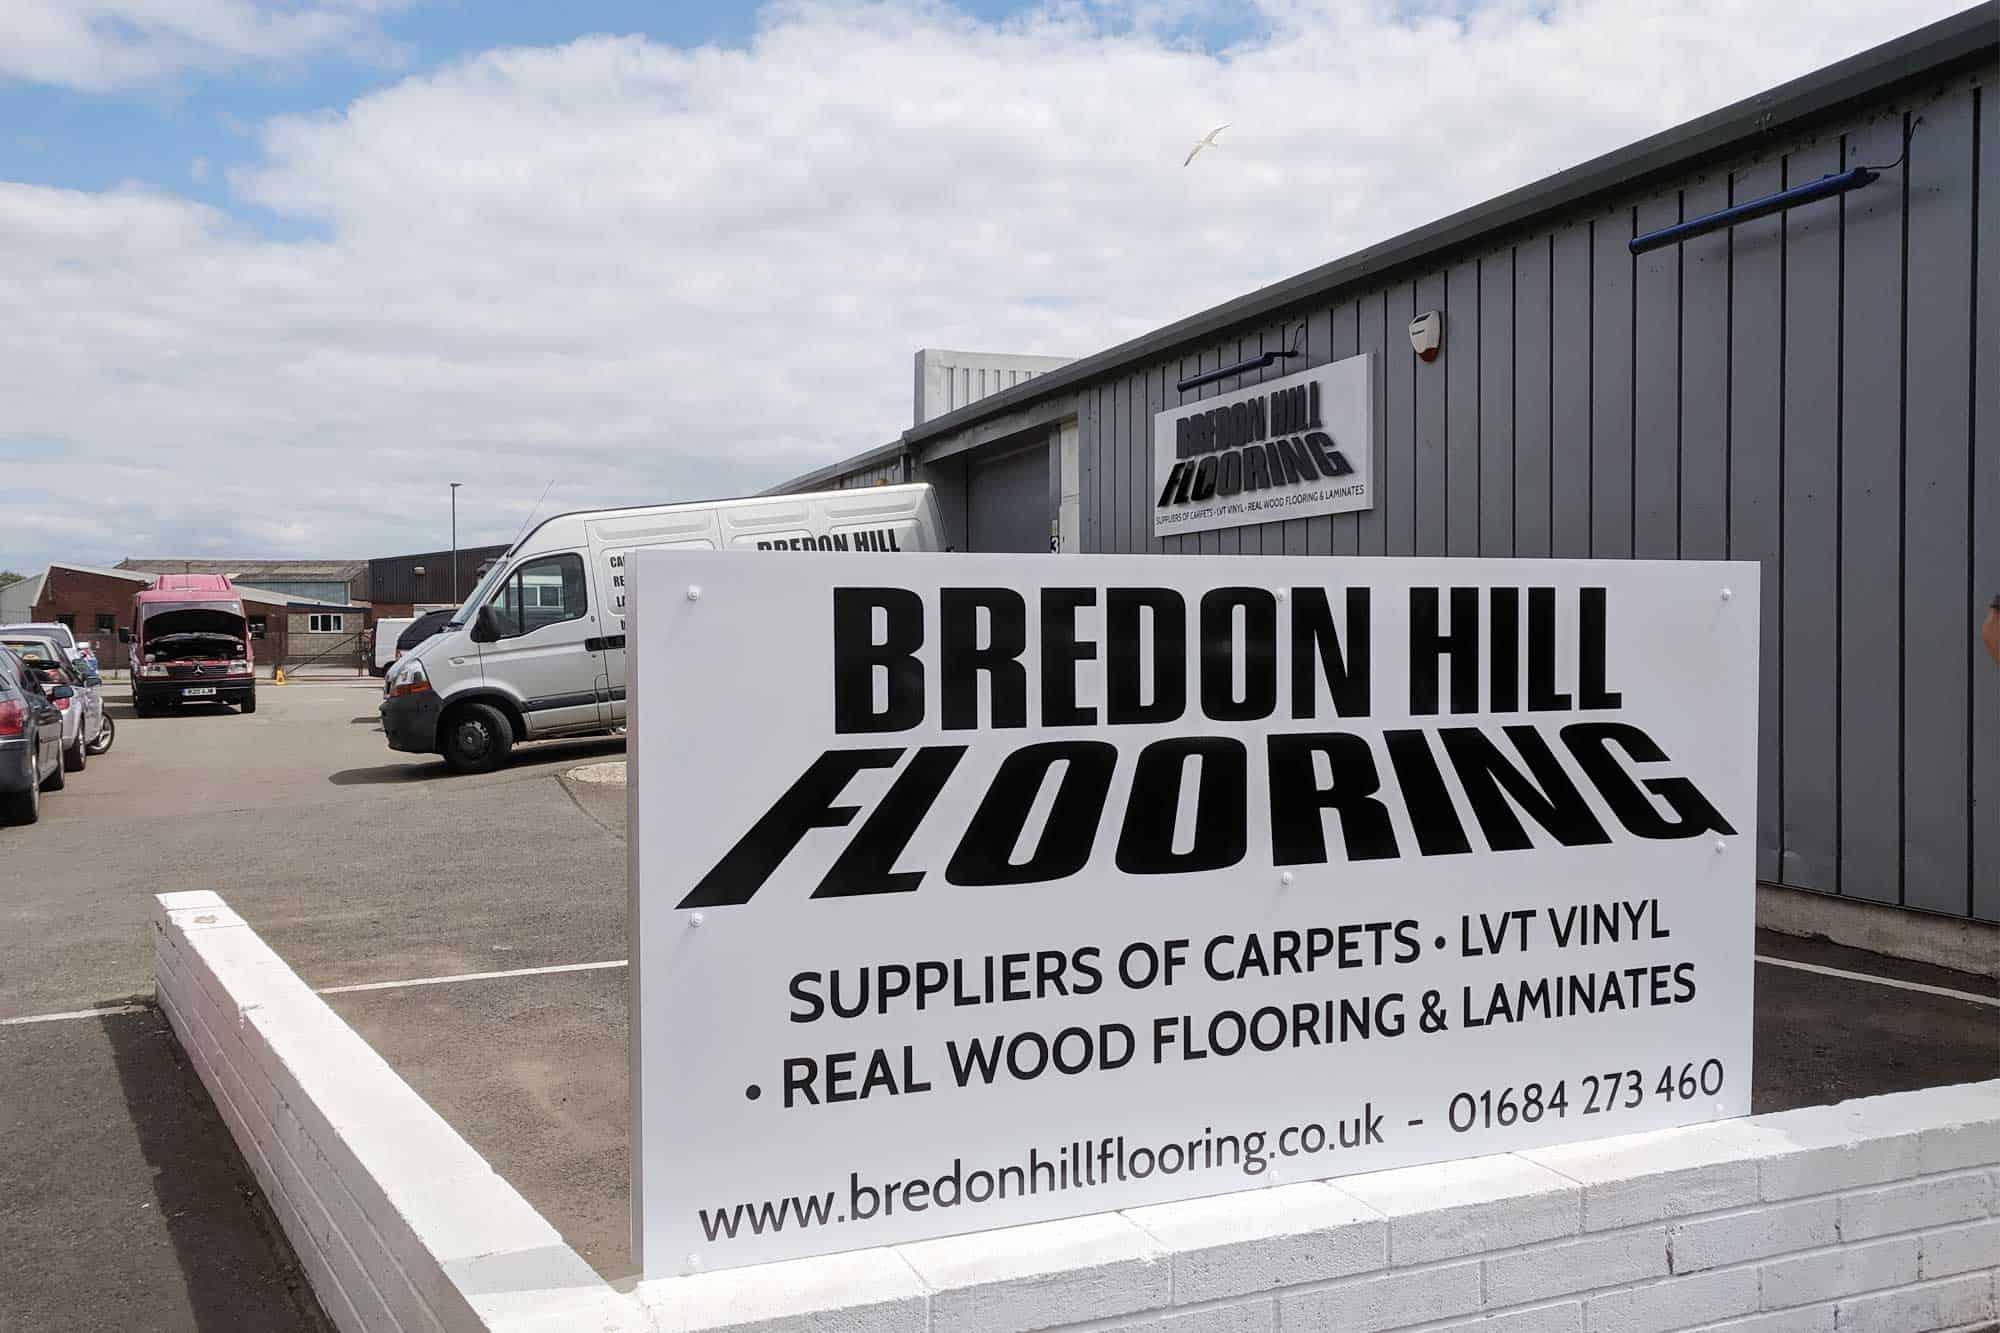 Bredon Hill Flooring